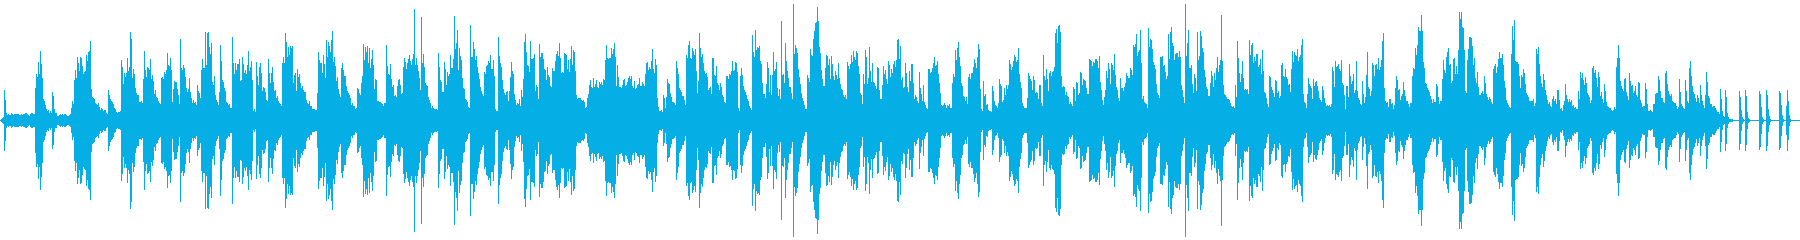 ピアノとフルートの即興 おしゃれの再生済みの波形